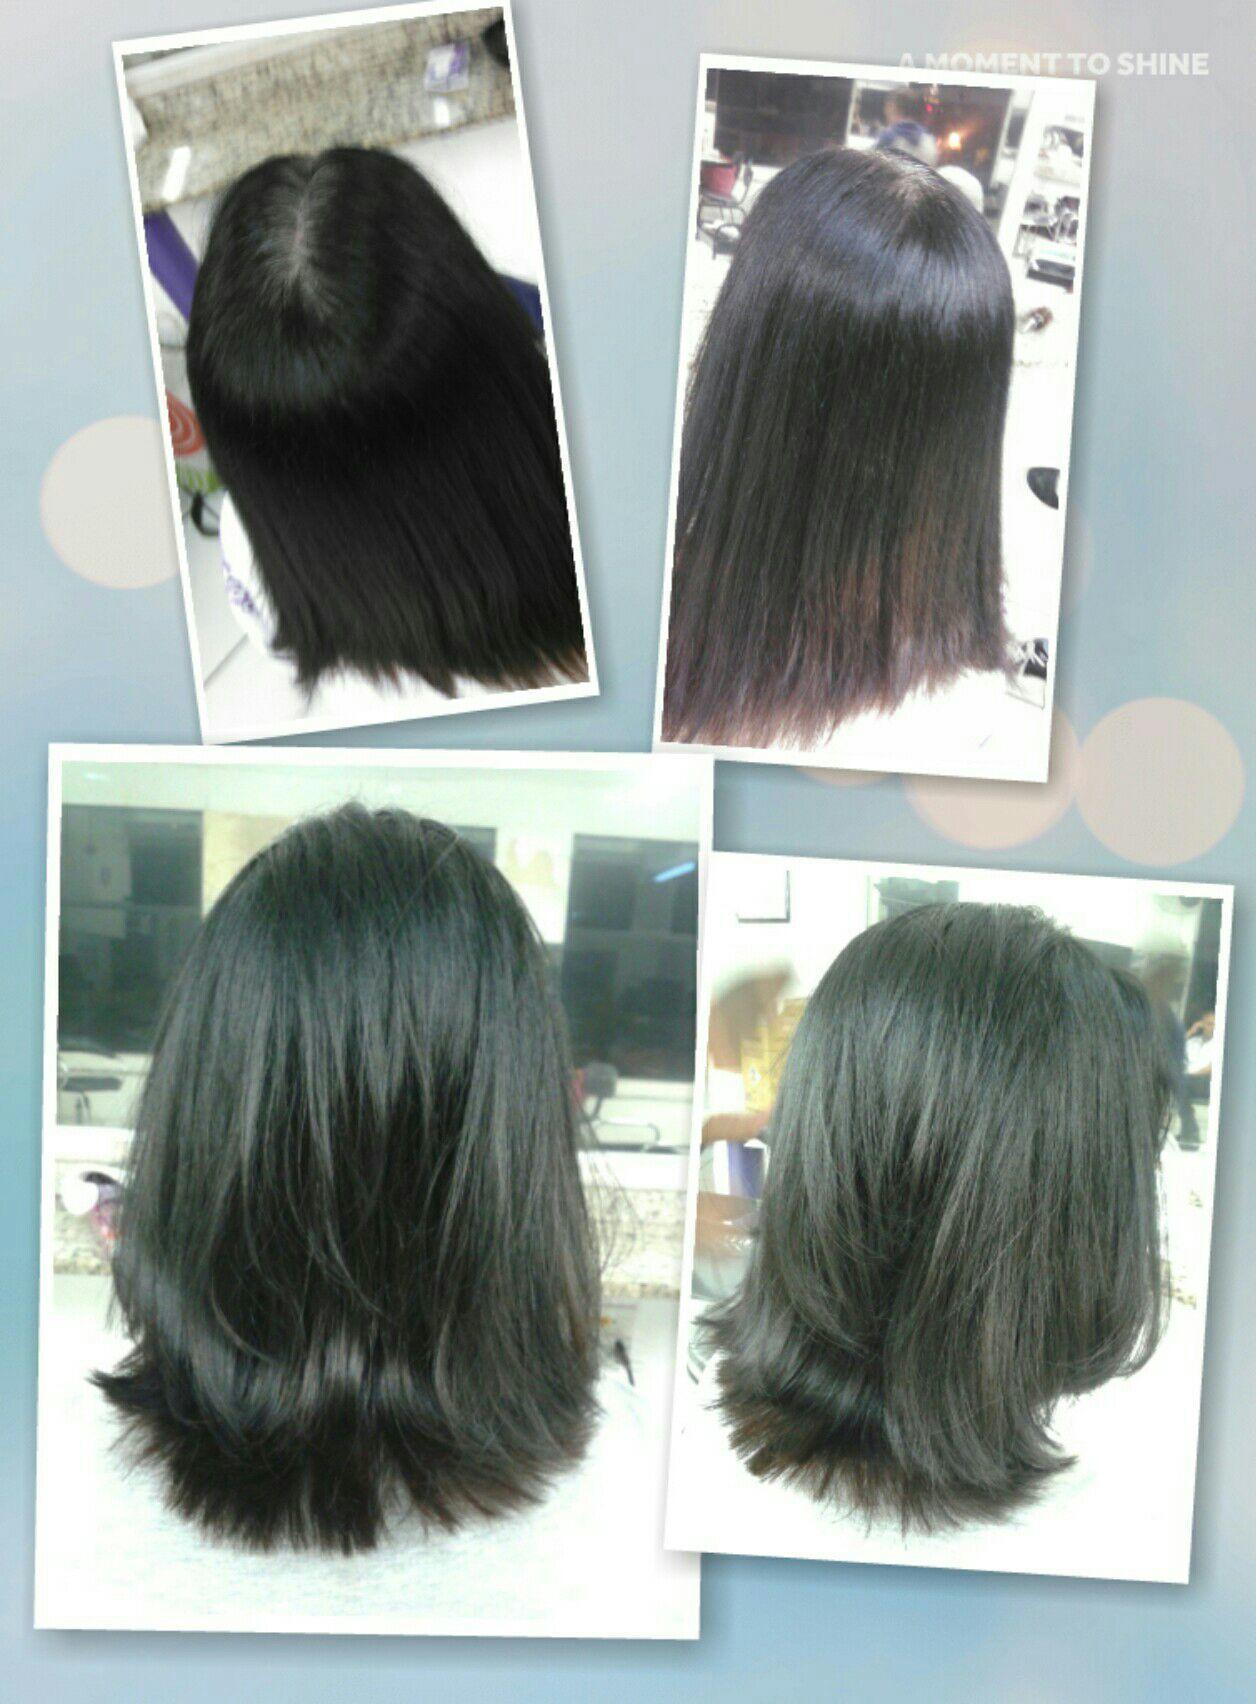 Corte e correção da coloração. cabelo cabeleireiro(a) auxiliar cabeleireiro(a) barbeiro(a)